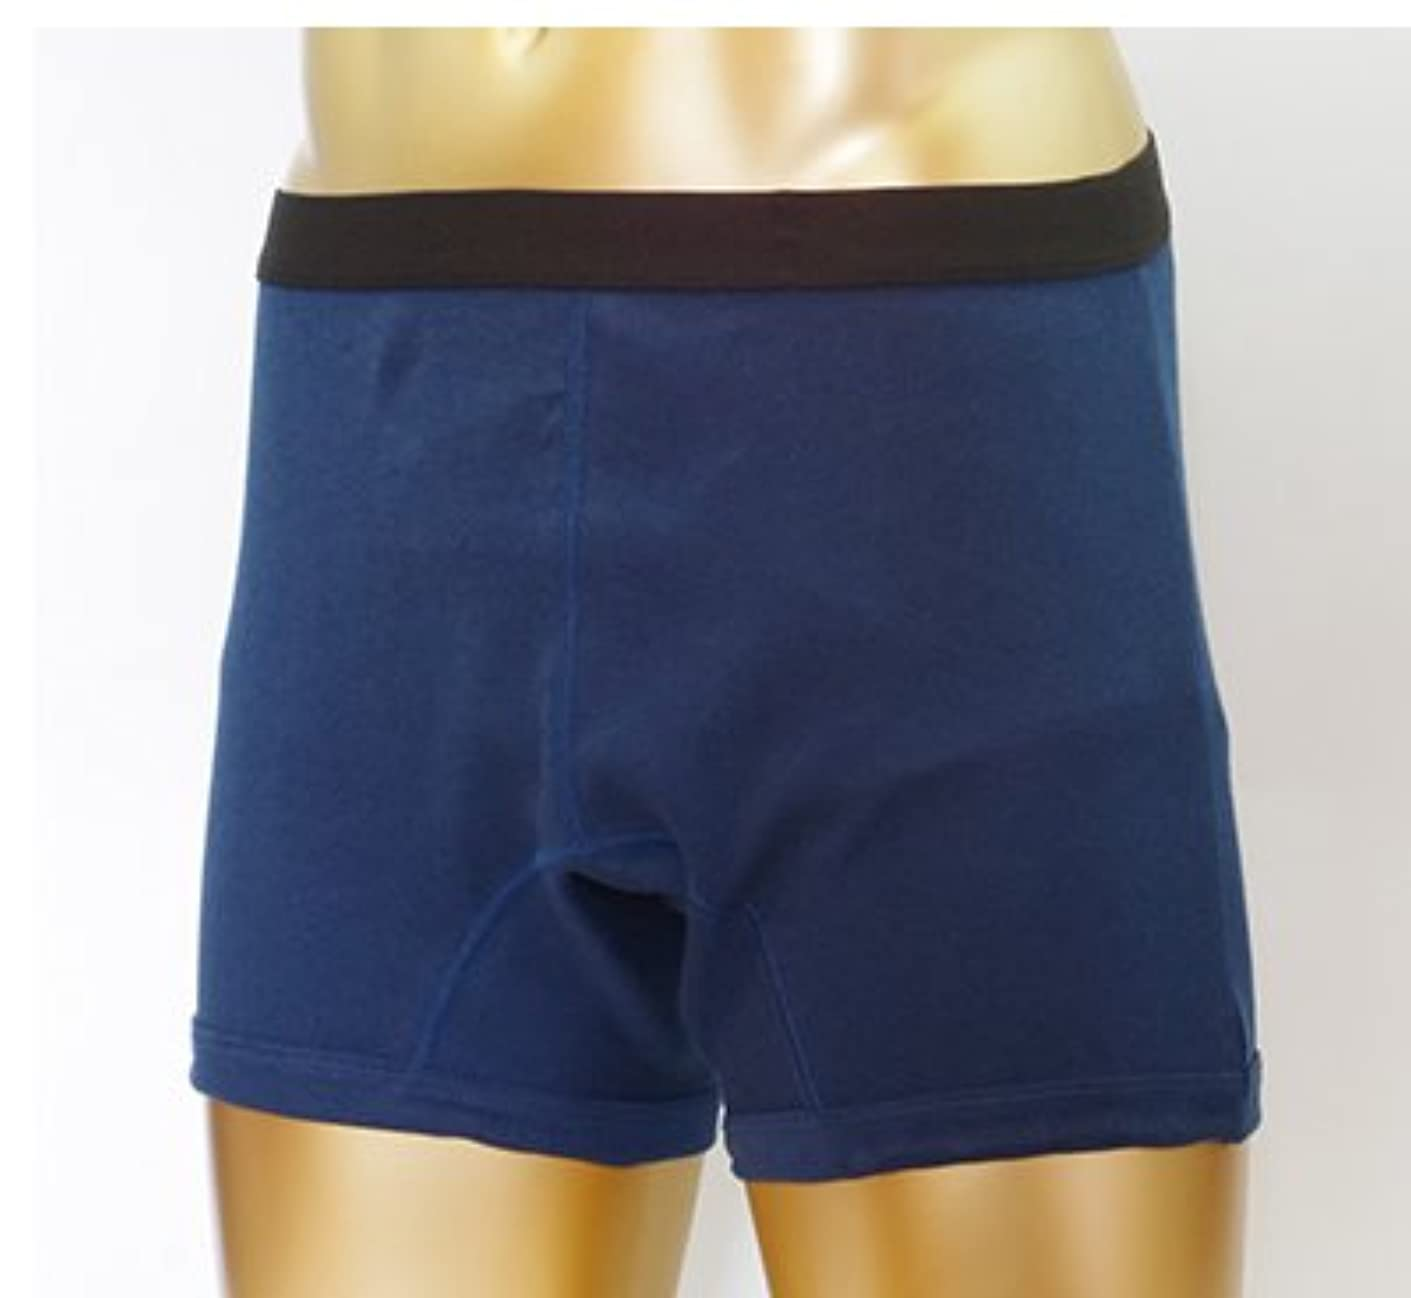 よろめく内訳グラフィック男性用失禁パンツ ボクサータイプ 「メンズスカイ」 Lサイズ